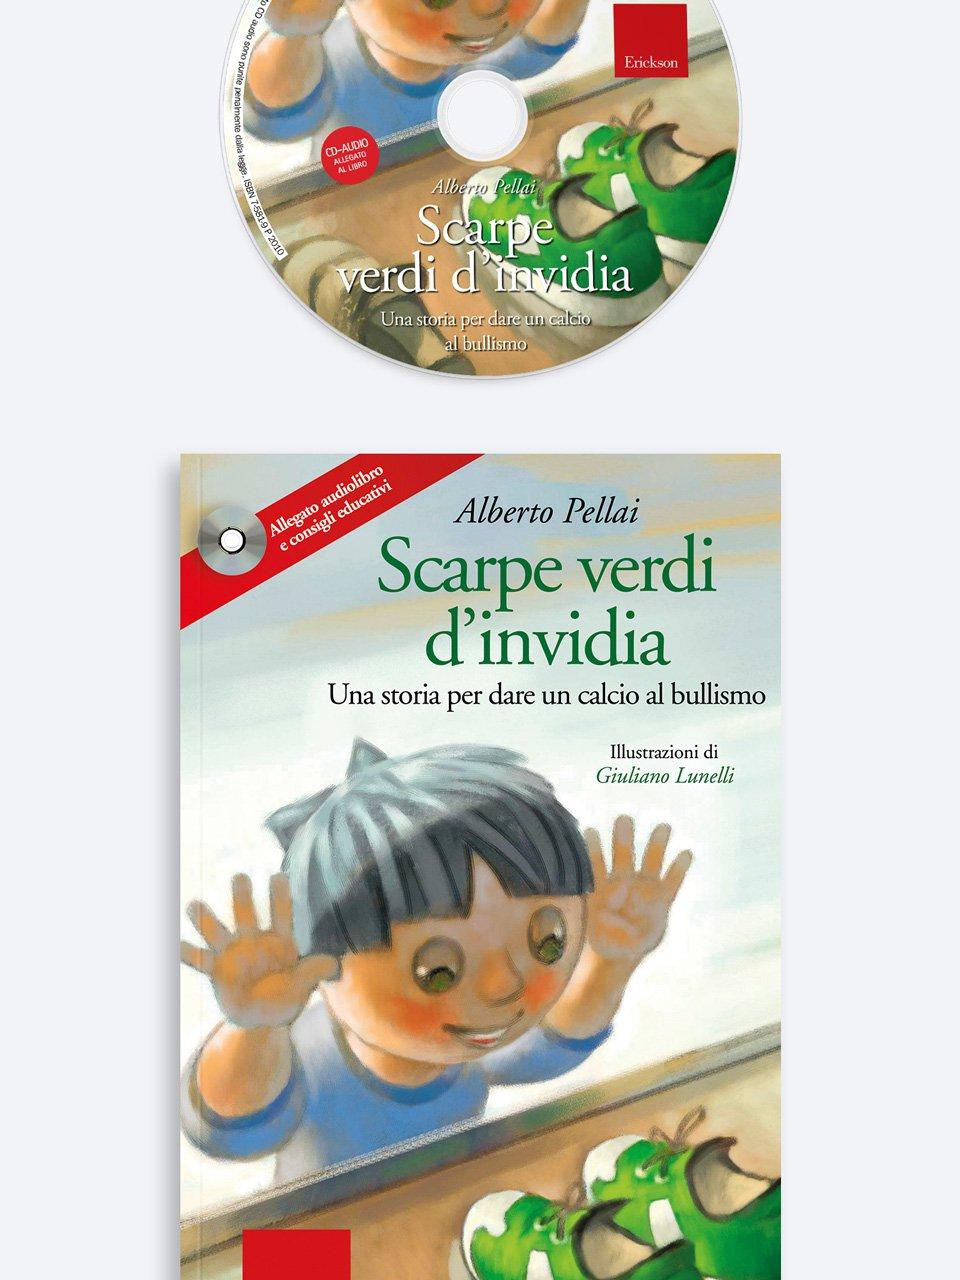 Scarpe verdi d'invidia - Alberto Pellai - Erickson